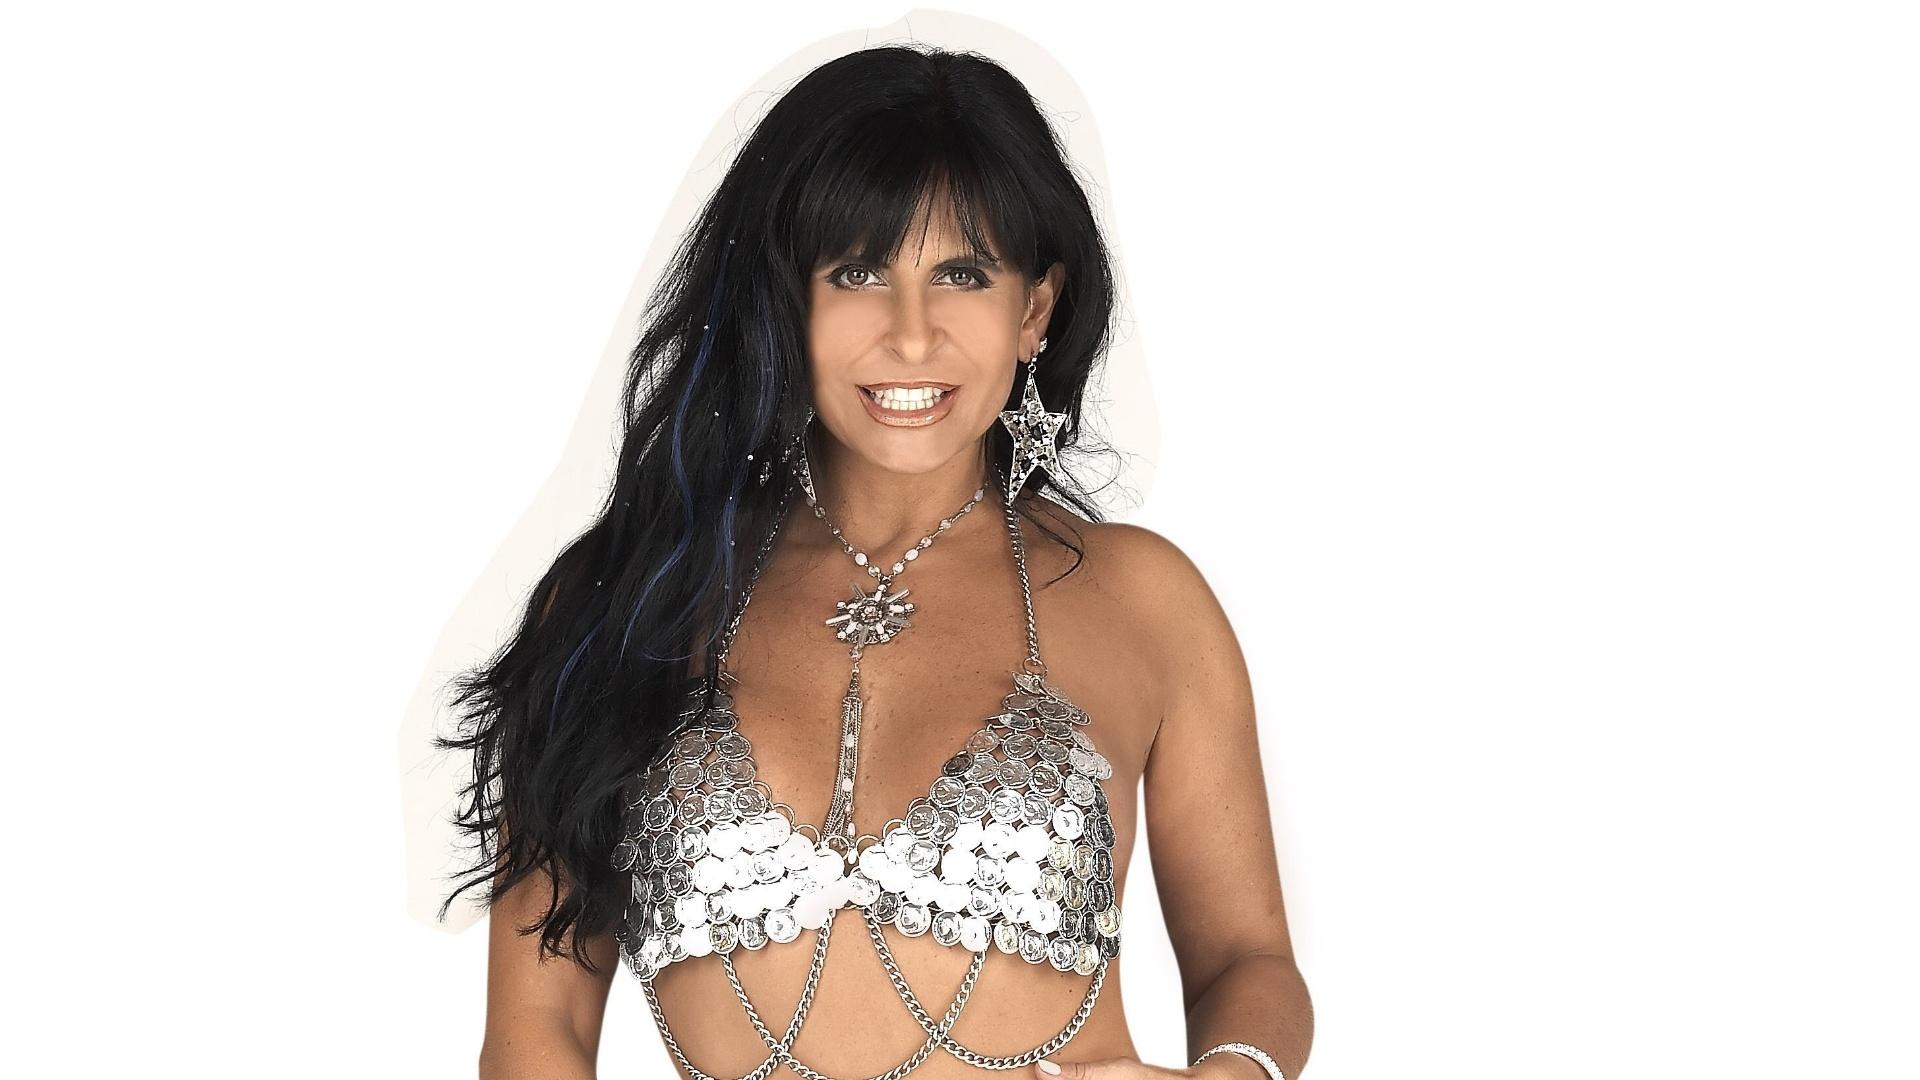 10.out.2006 - A cantora Gretchen fez um filme pornô